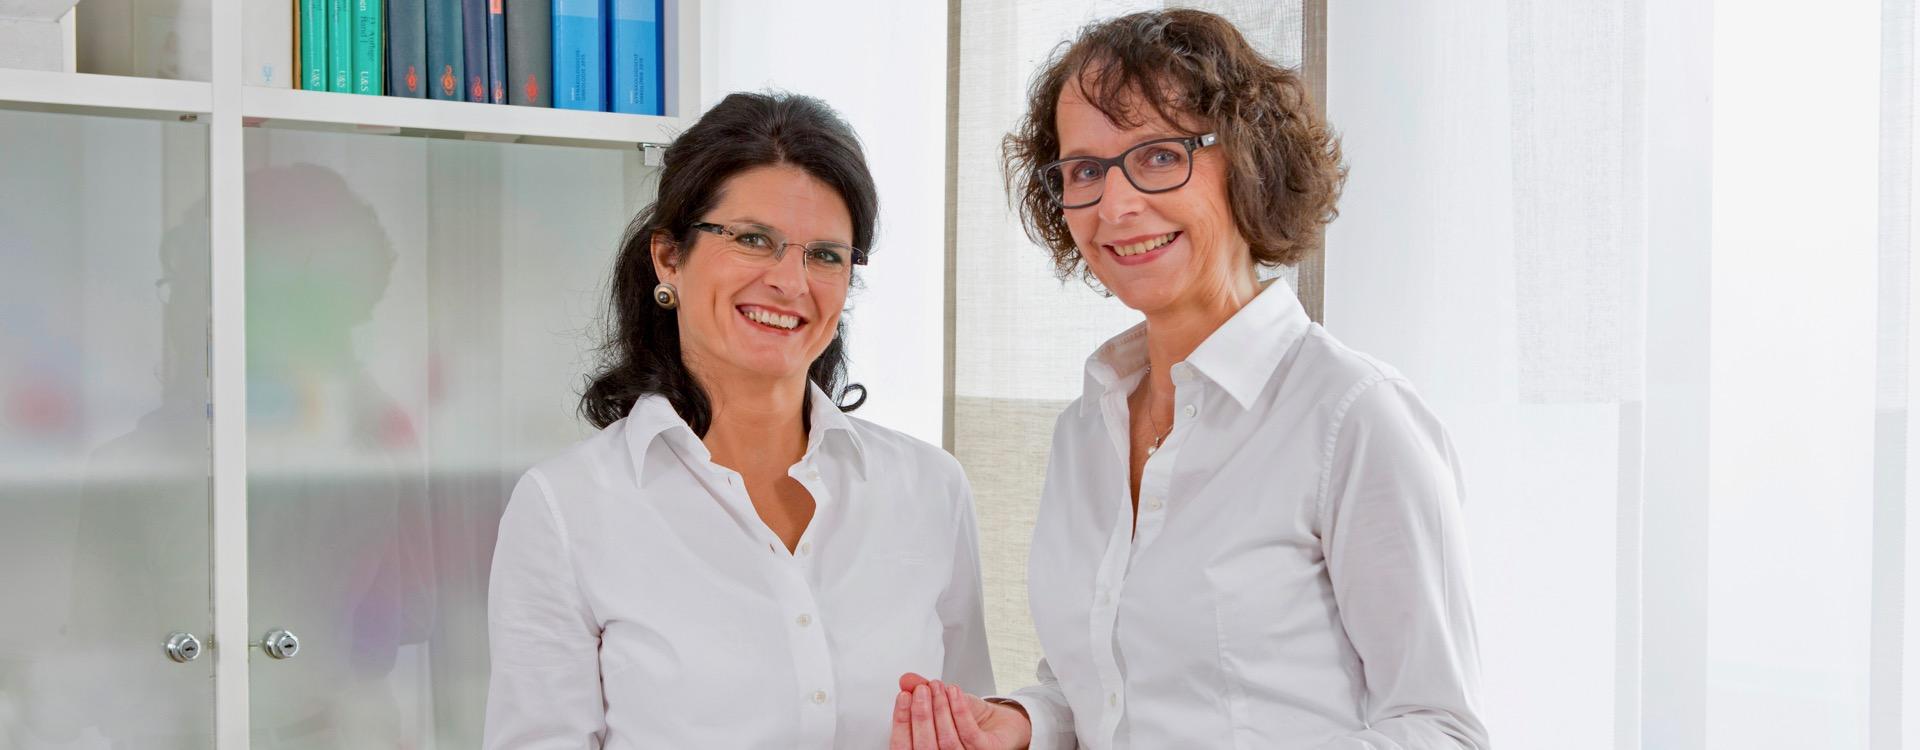 Dr. med. Brigitte Faß und Dr. med. Doris Romann-Flierl